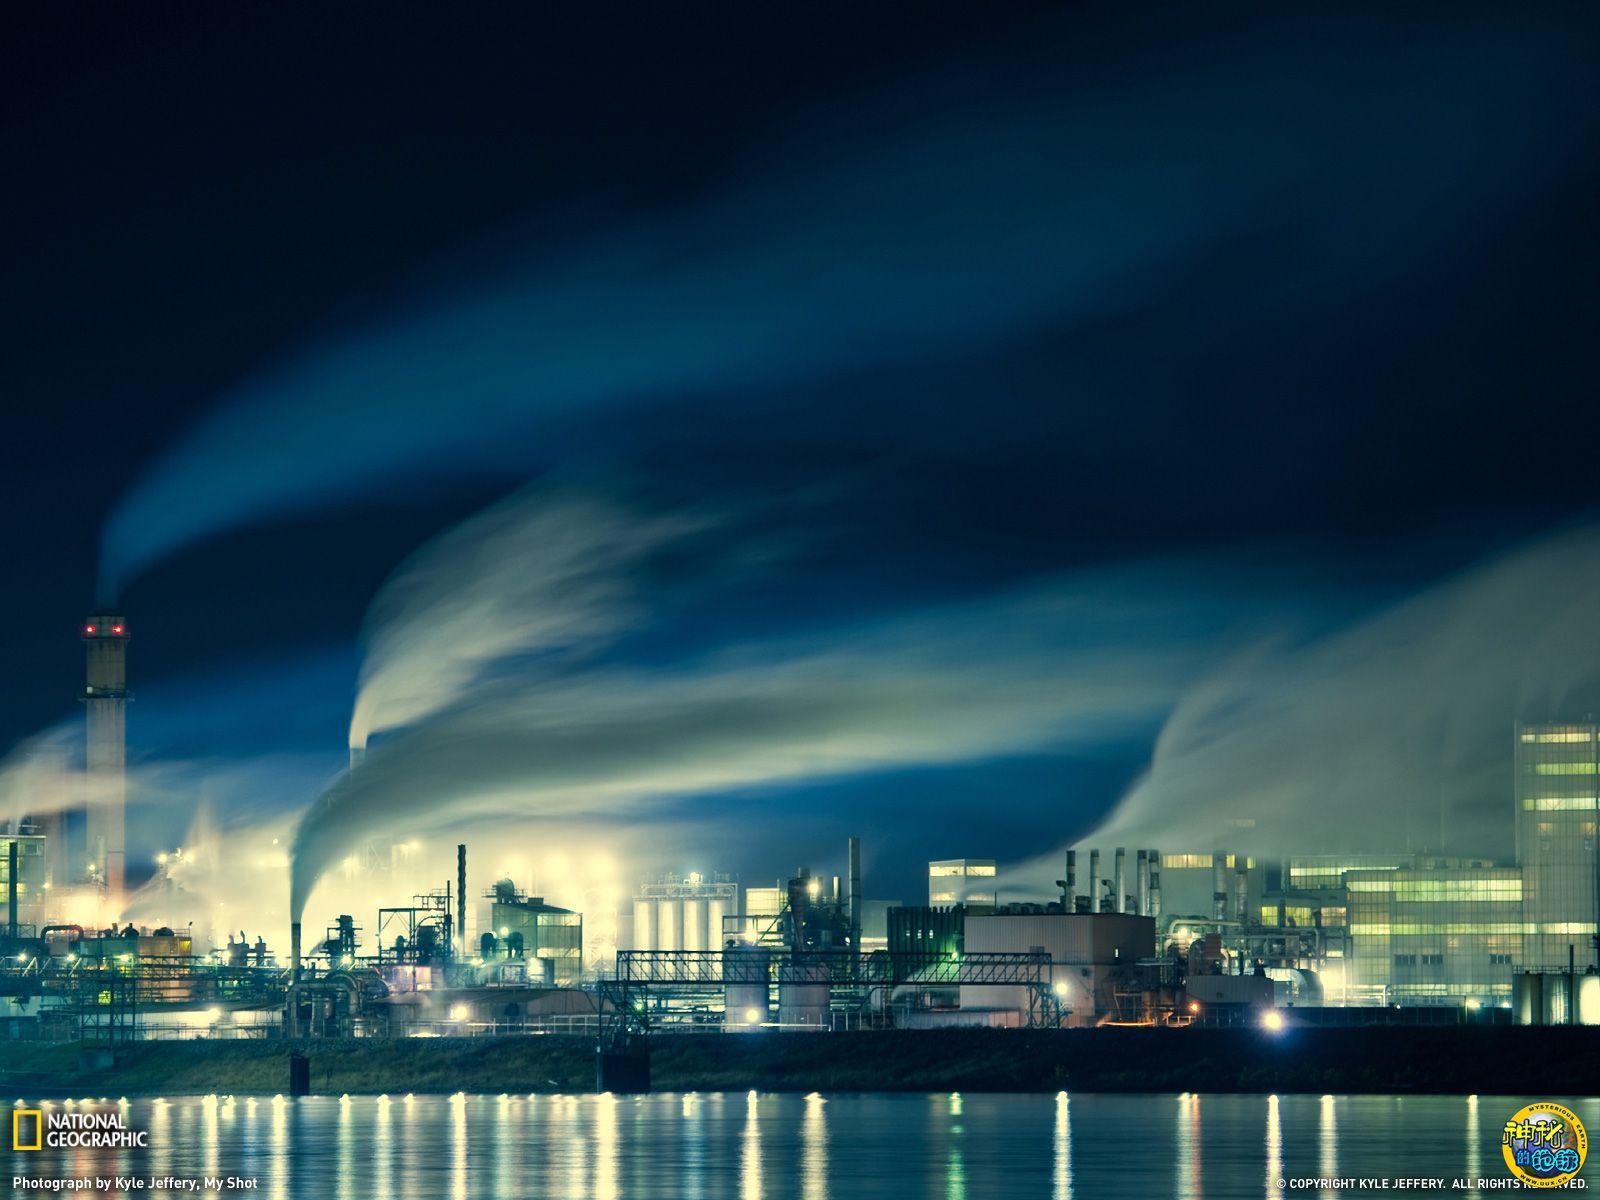 美国密西西比河上空工业废气